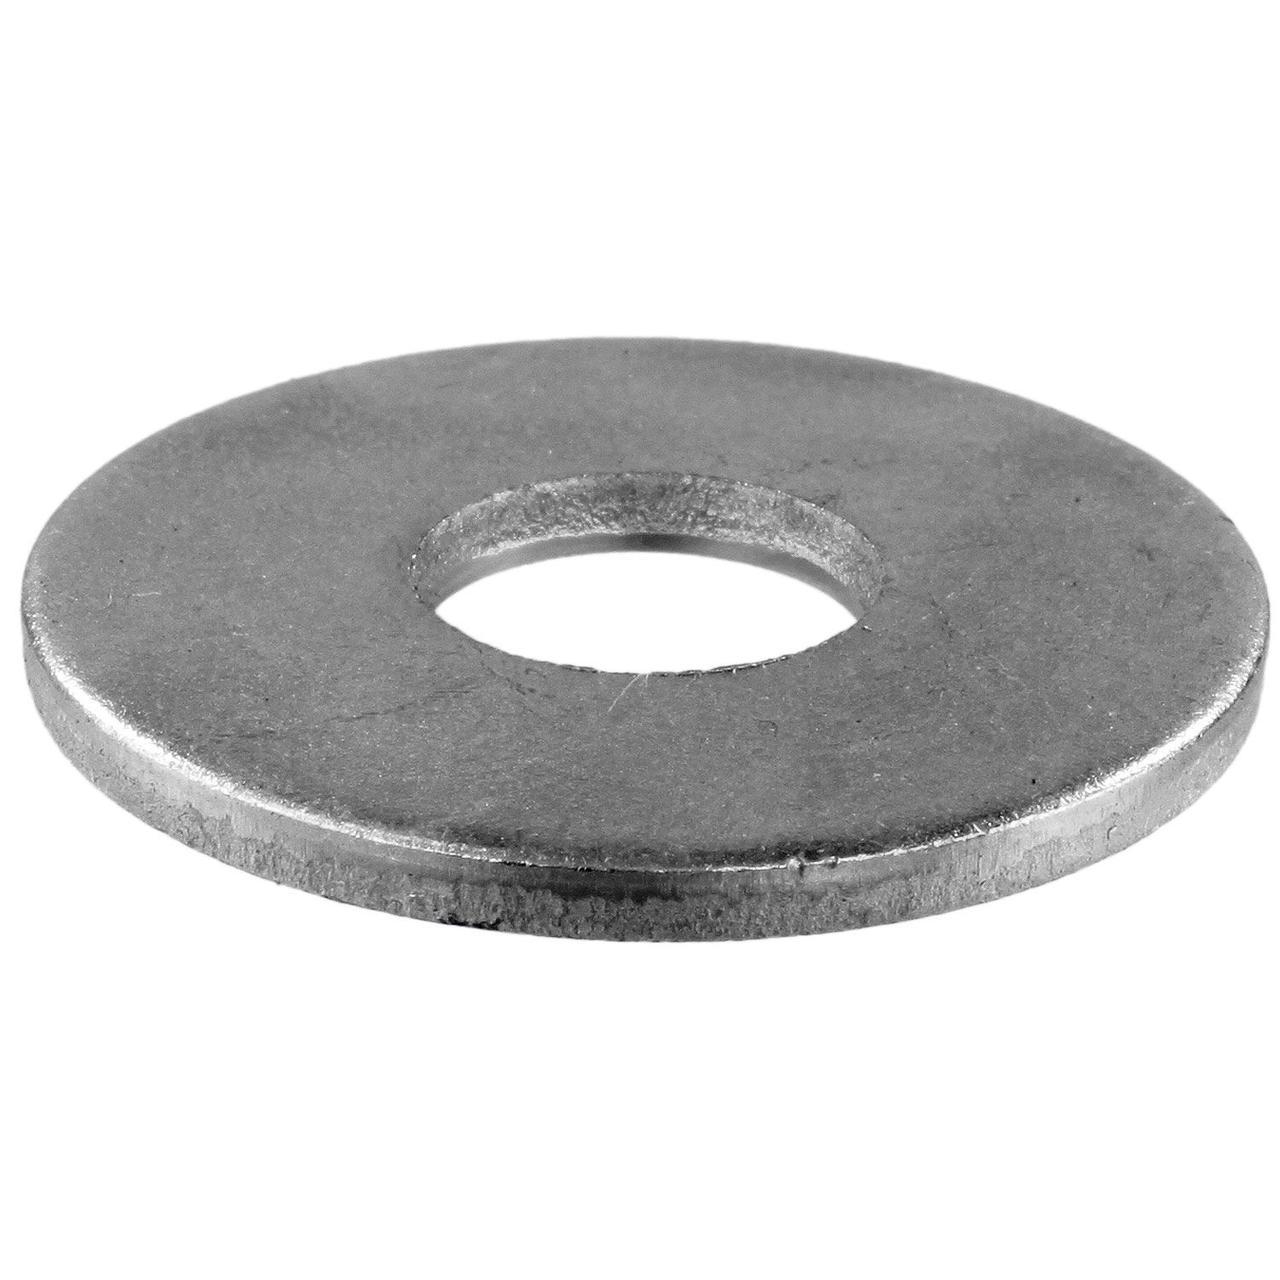 Кольцо ст 45 350х110х110 мм